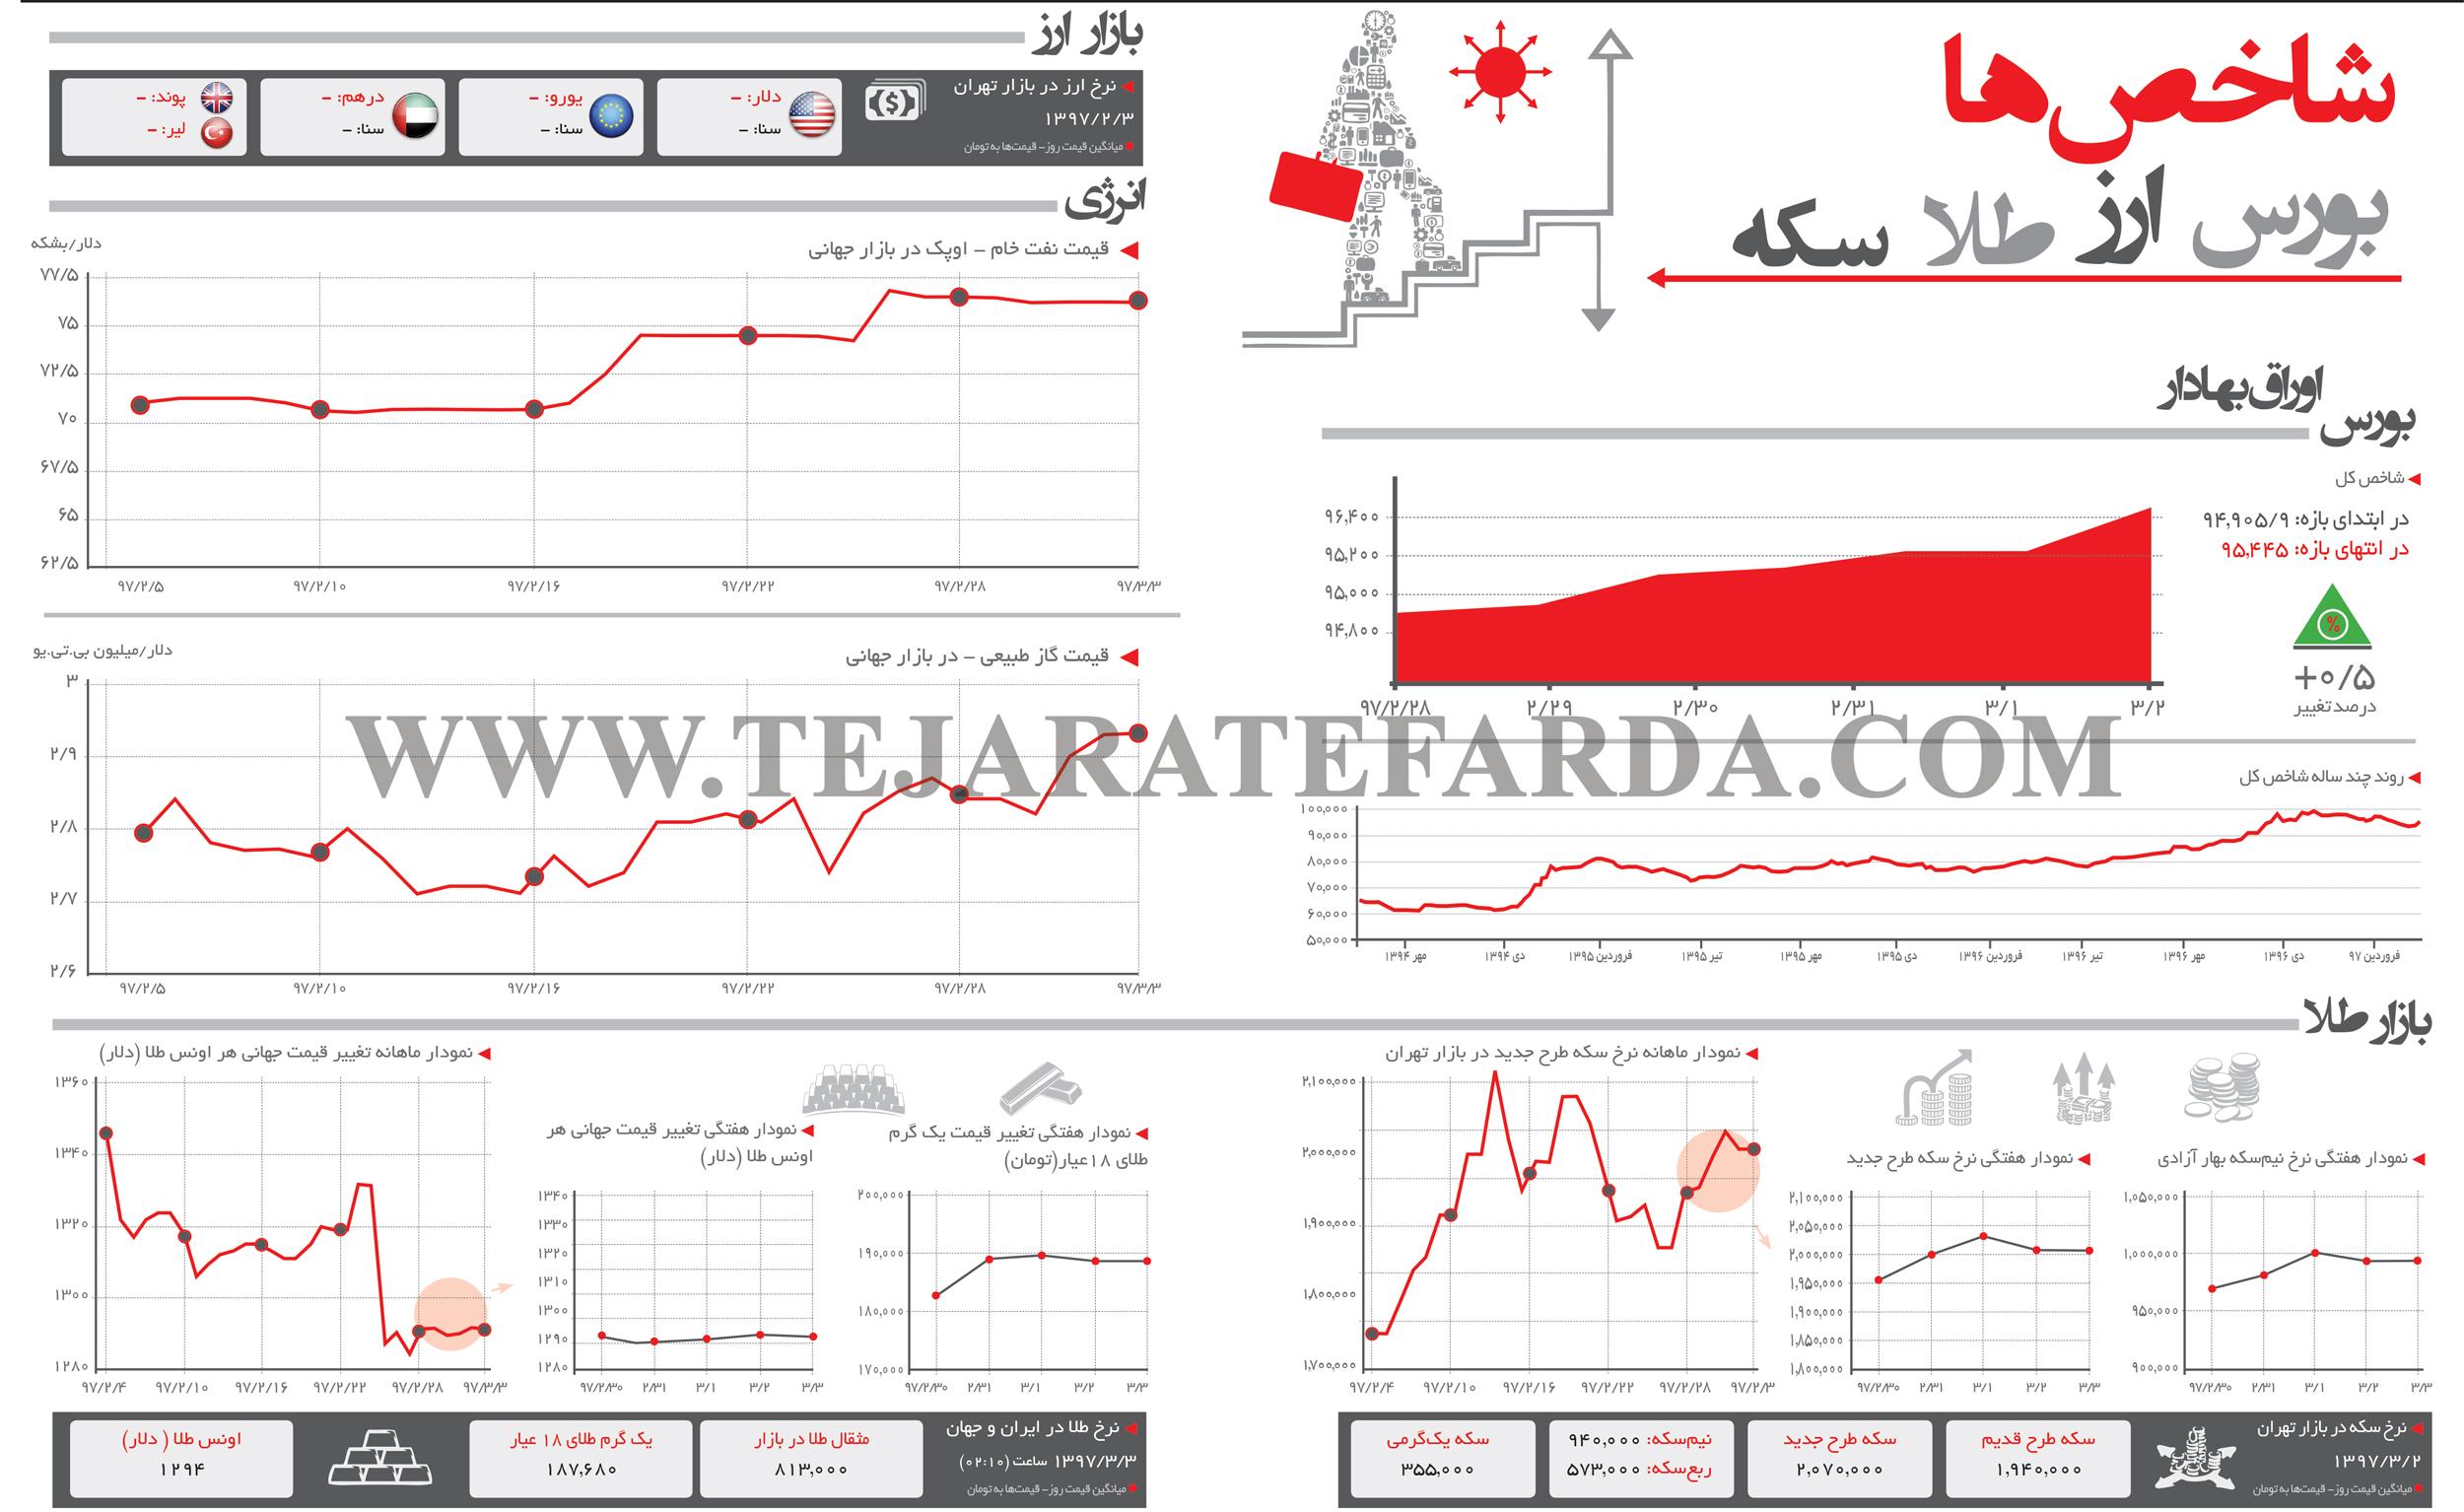 تجارت فردا- شاخصهای اقتصادی (270)